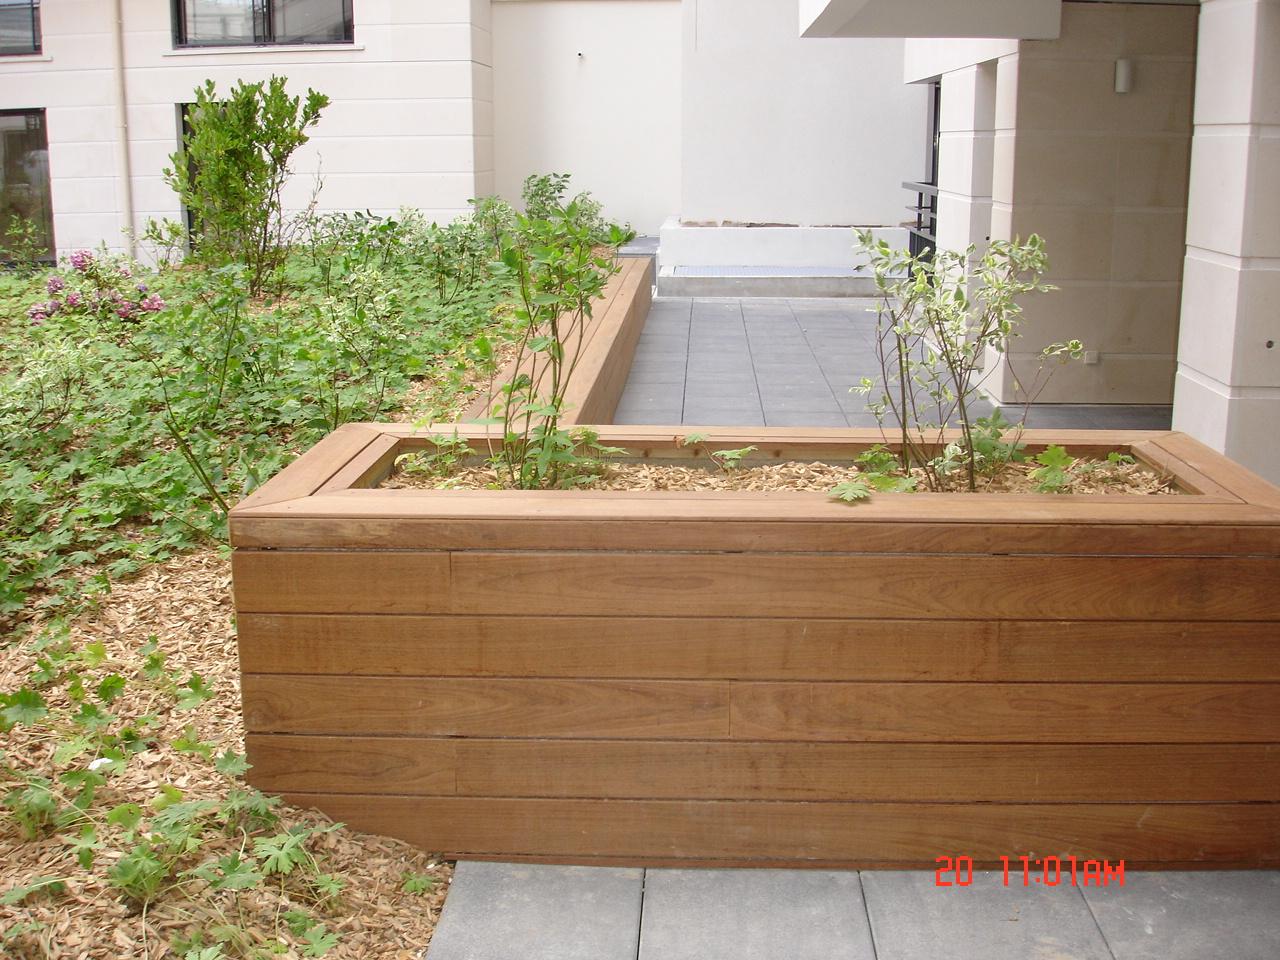 Réalisation d'espaces verts et aménagements divers pour les promoteurs immobiliers